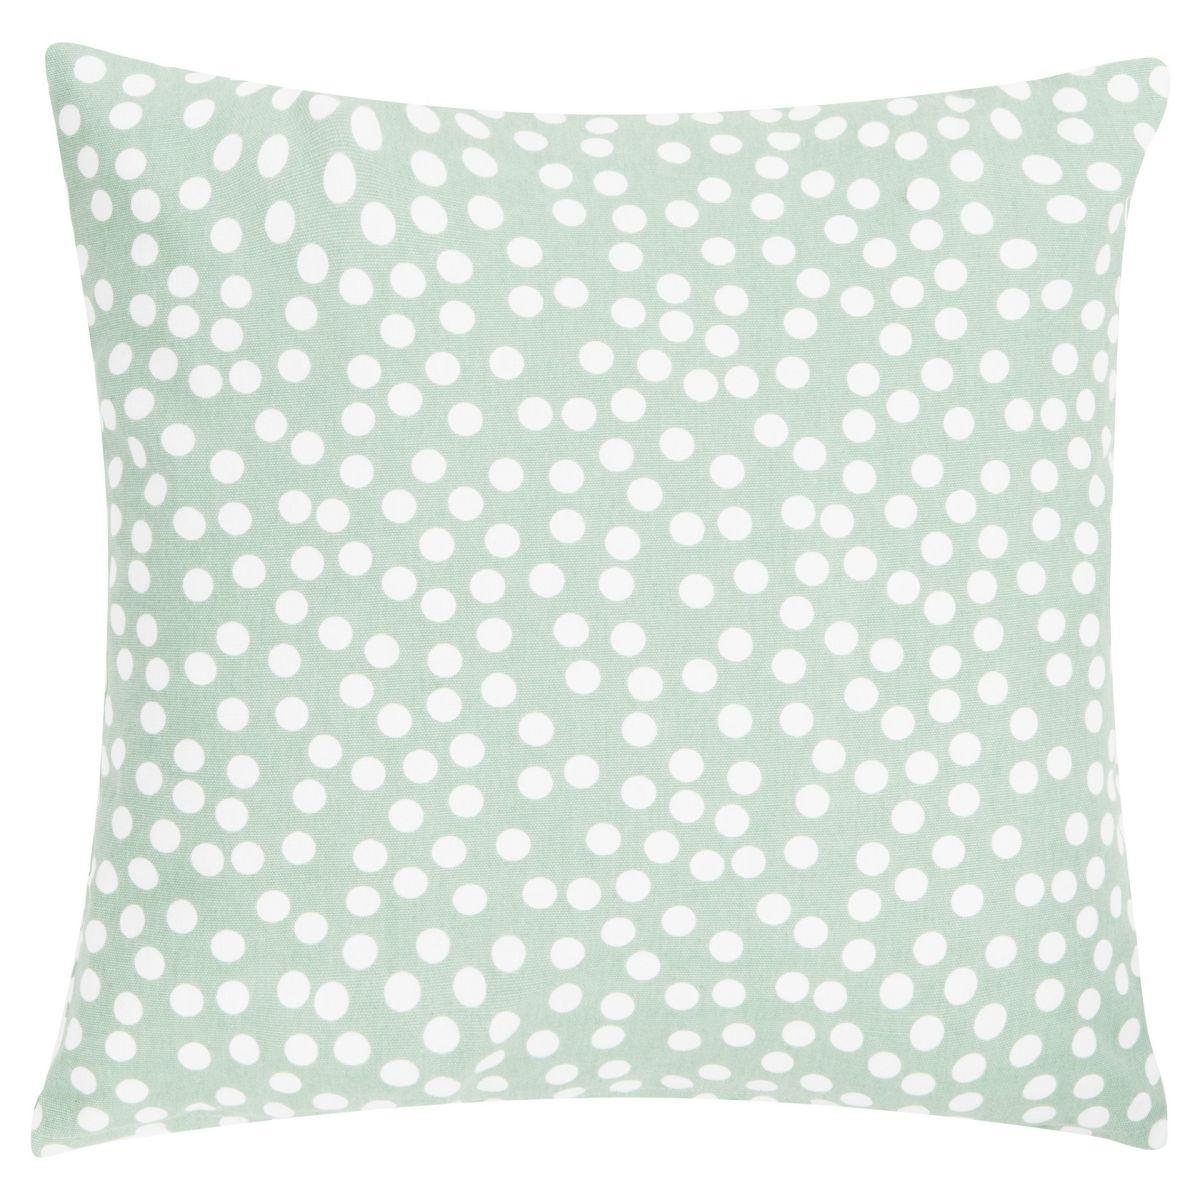 Poduszka z poszewką Allover Dots zielona 45x45 cm